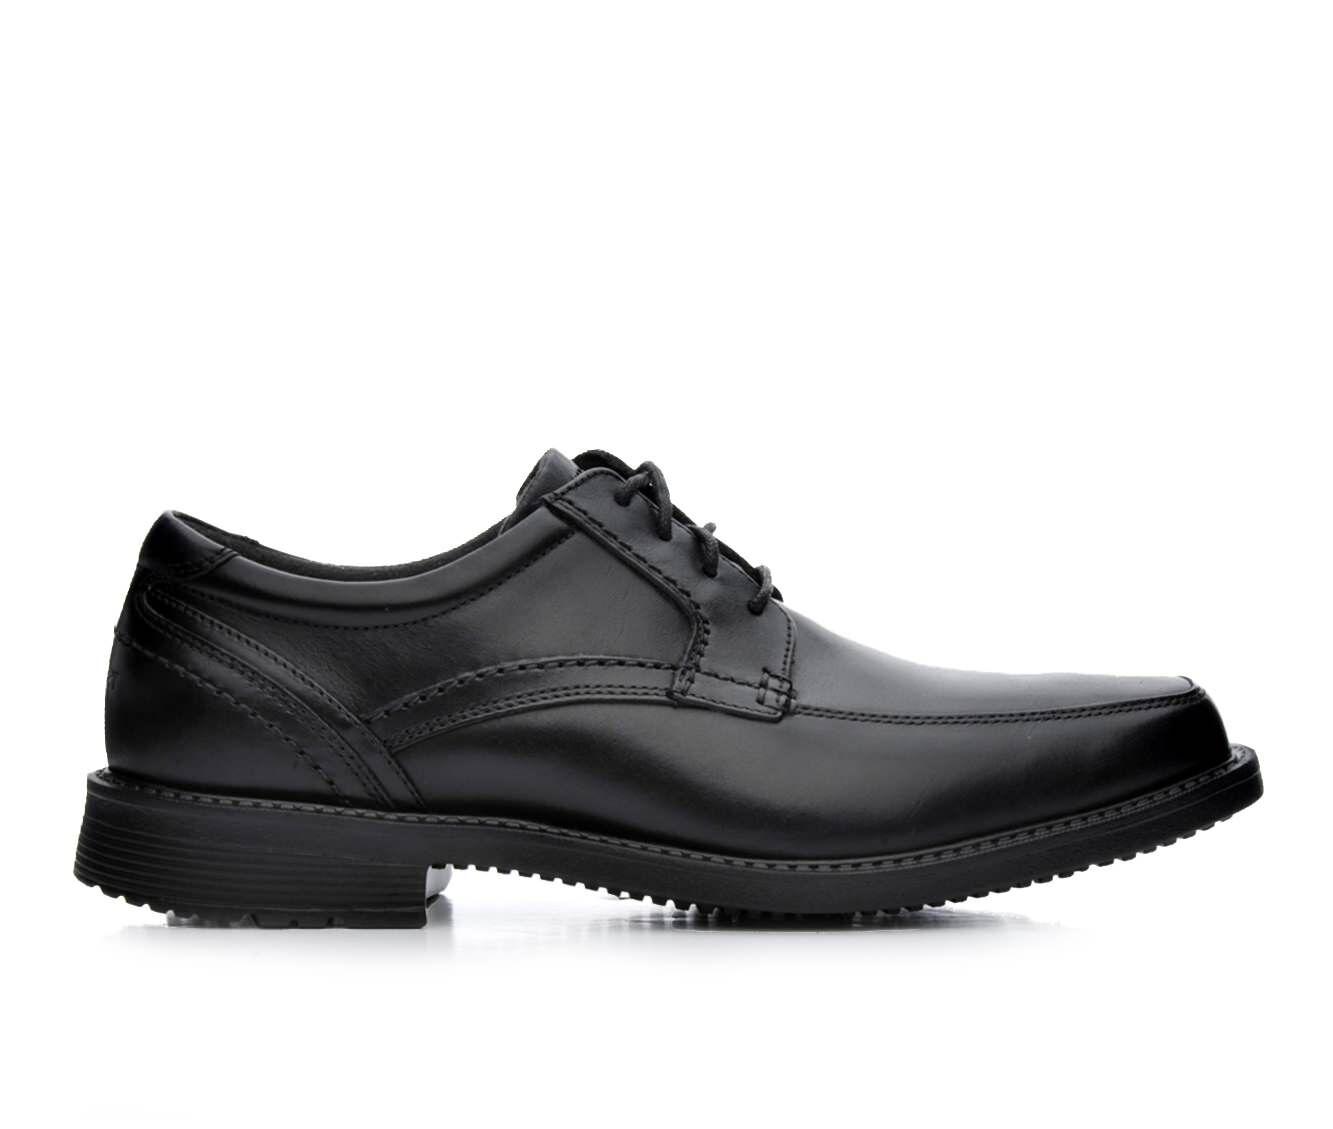 Men's Rockport Style Leader 2 Dress Shoes Black